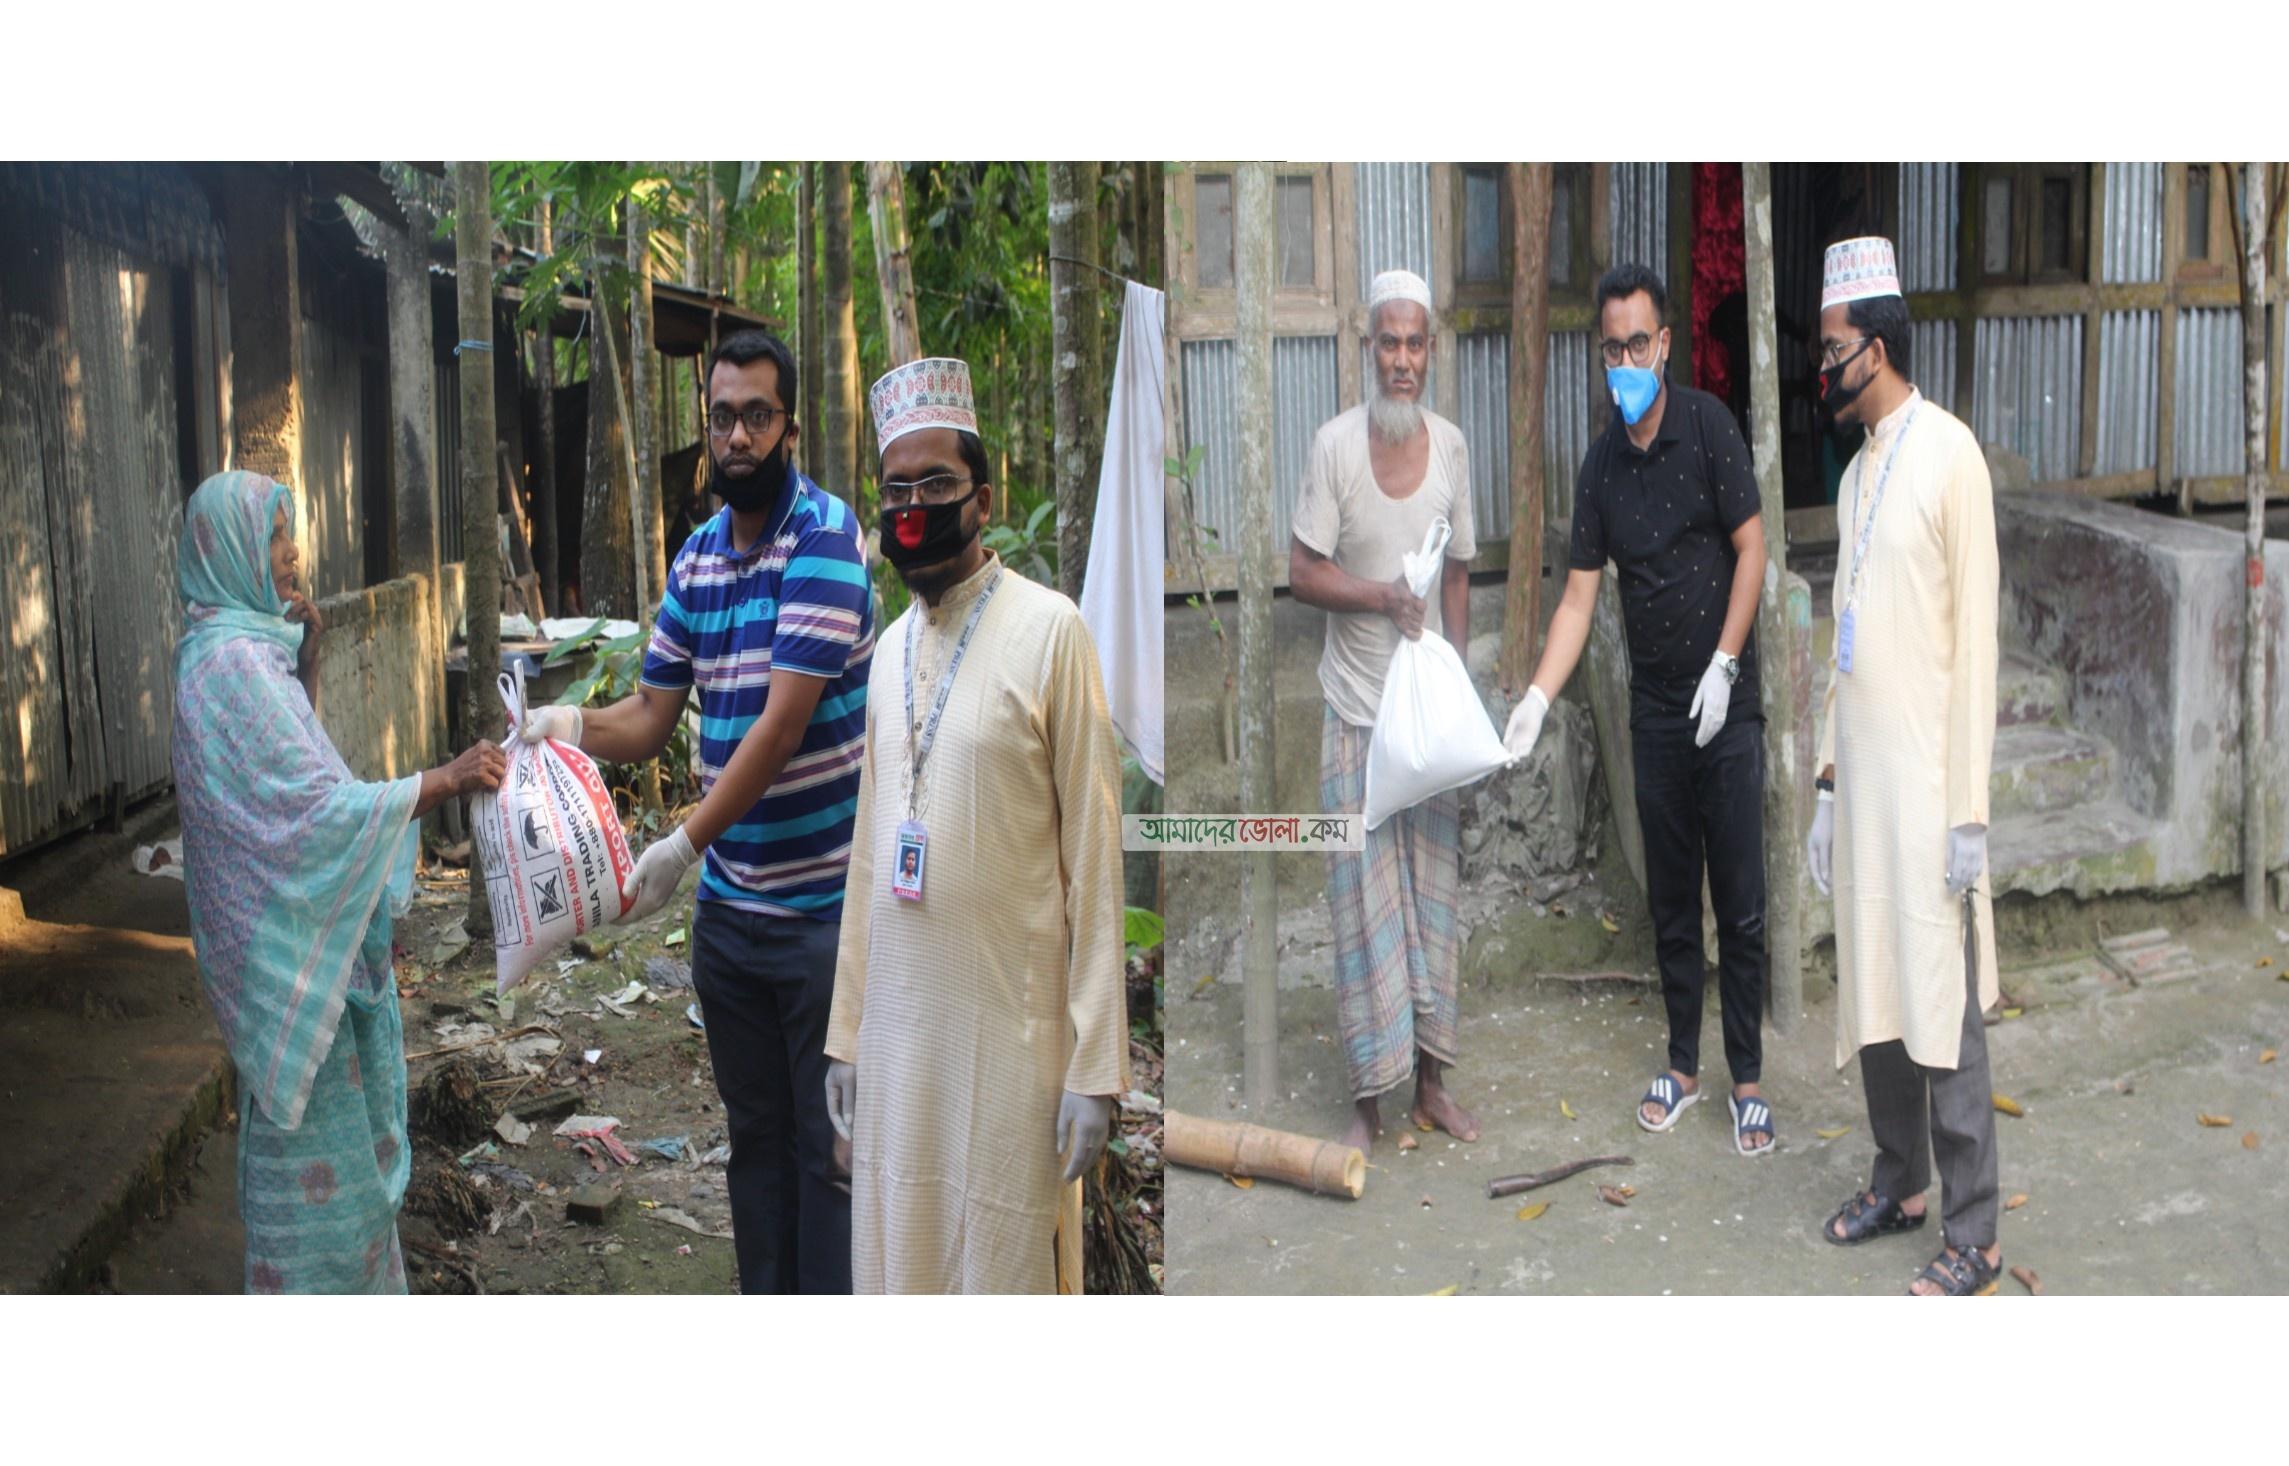 অনলাইন পত্রিকা 'আমাদের ভোলা'র উদ্যোগে ৫০ পরিবারকে খাদ্য সহায়তা প্রদান